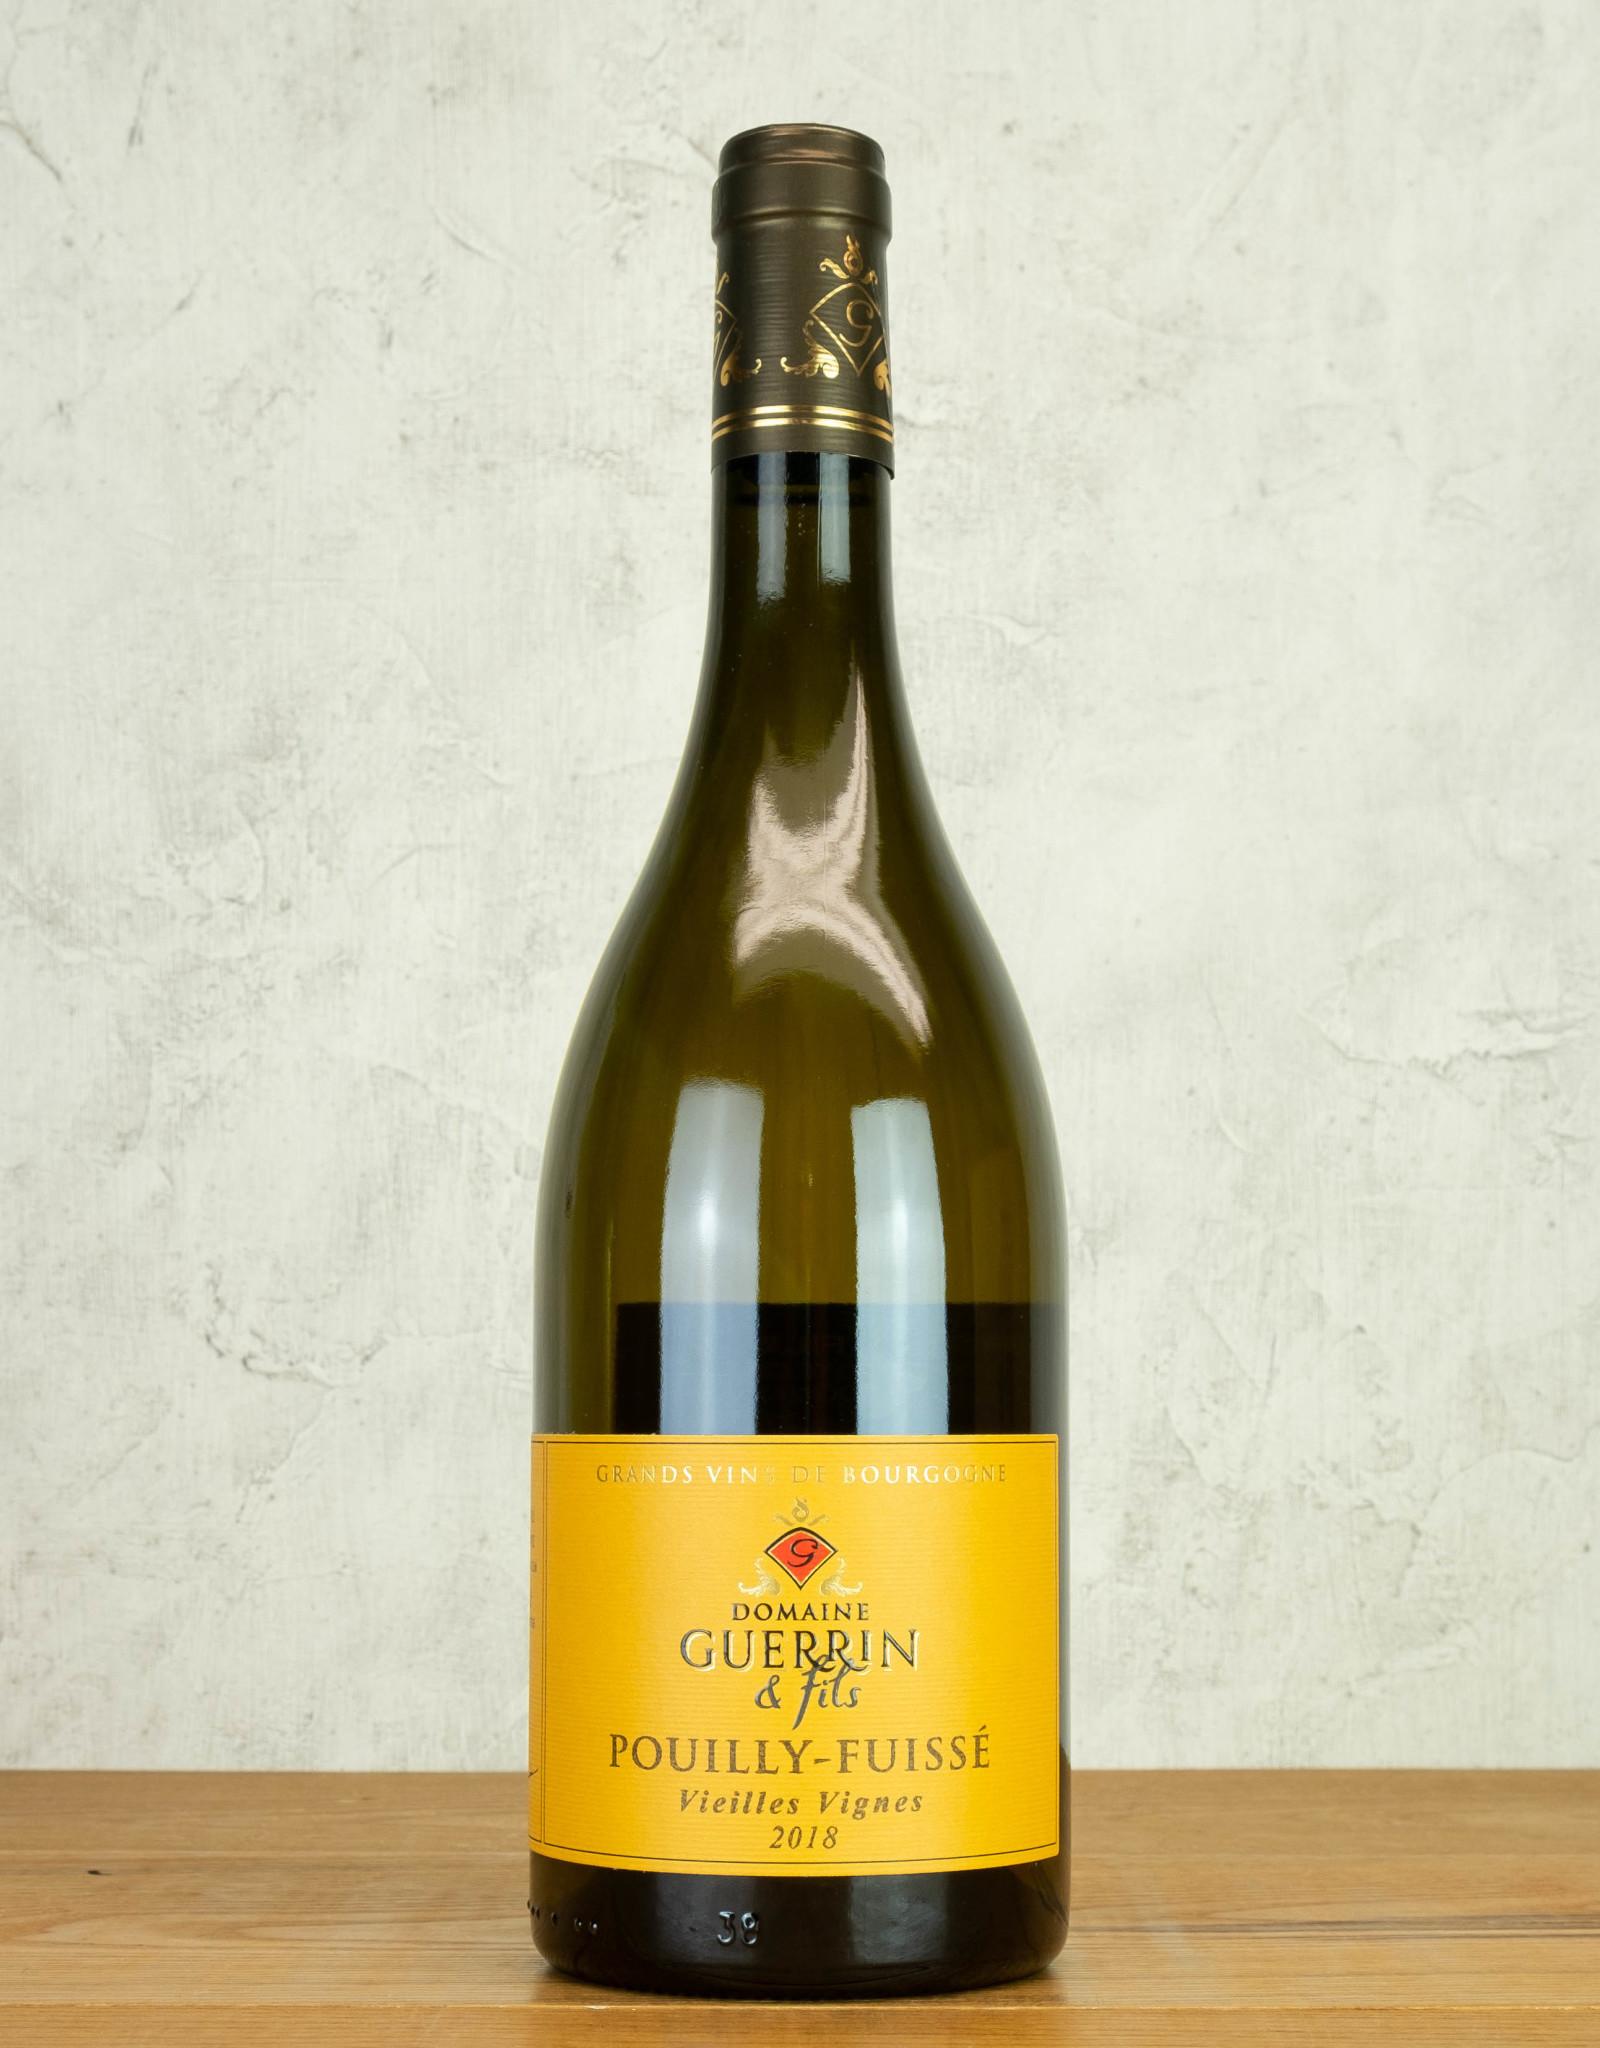 Domaine Guerrin Pouilly-Fuisse Vieilles Vignes